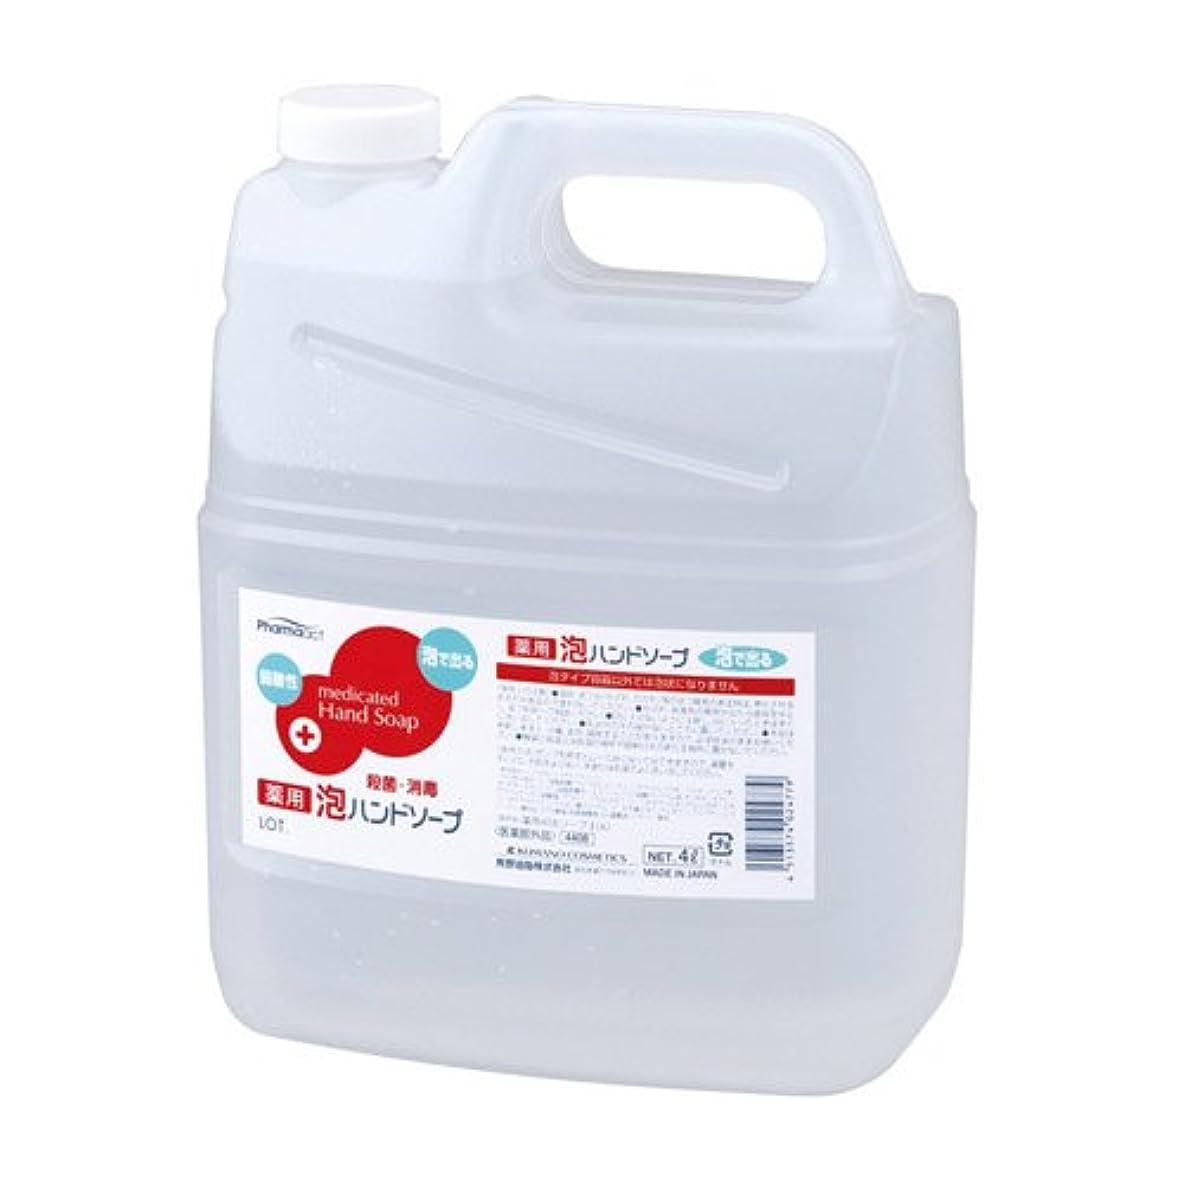 技術的な発行手配するファーマアクト 薬用 泡ハンドソープ 業務用 4L 【医薬部外品】